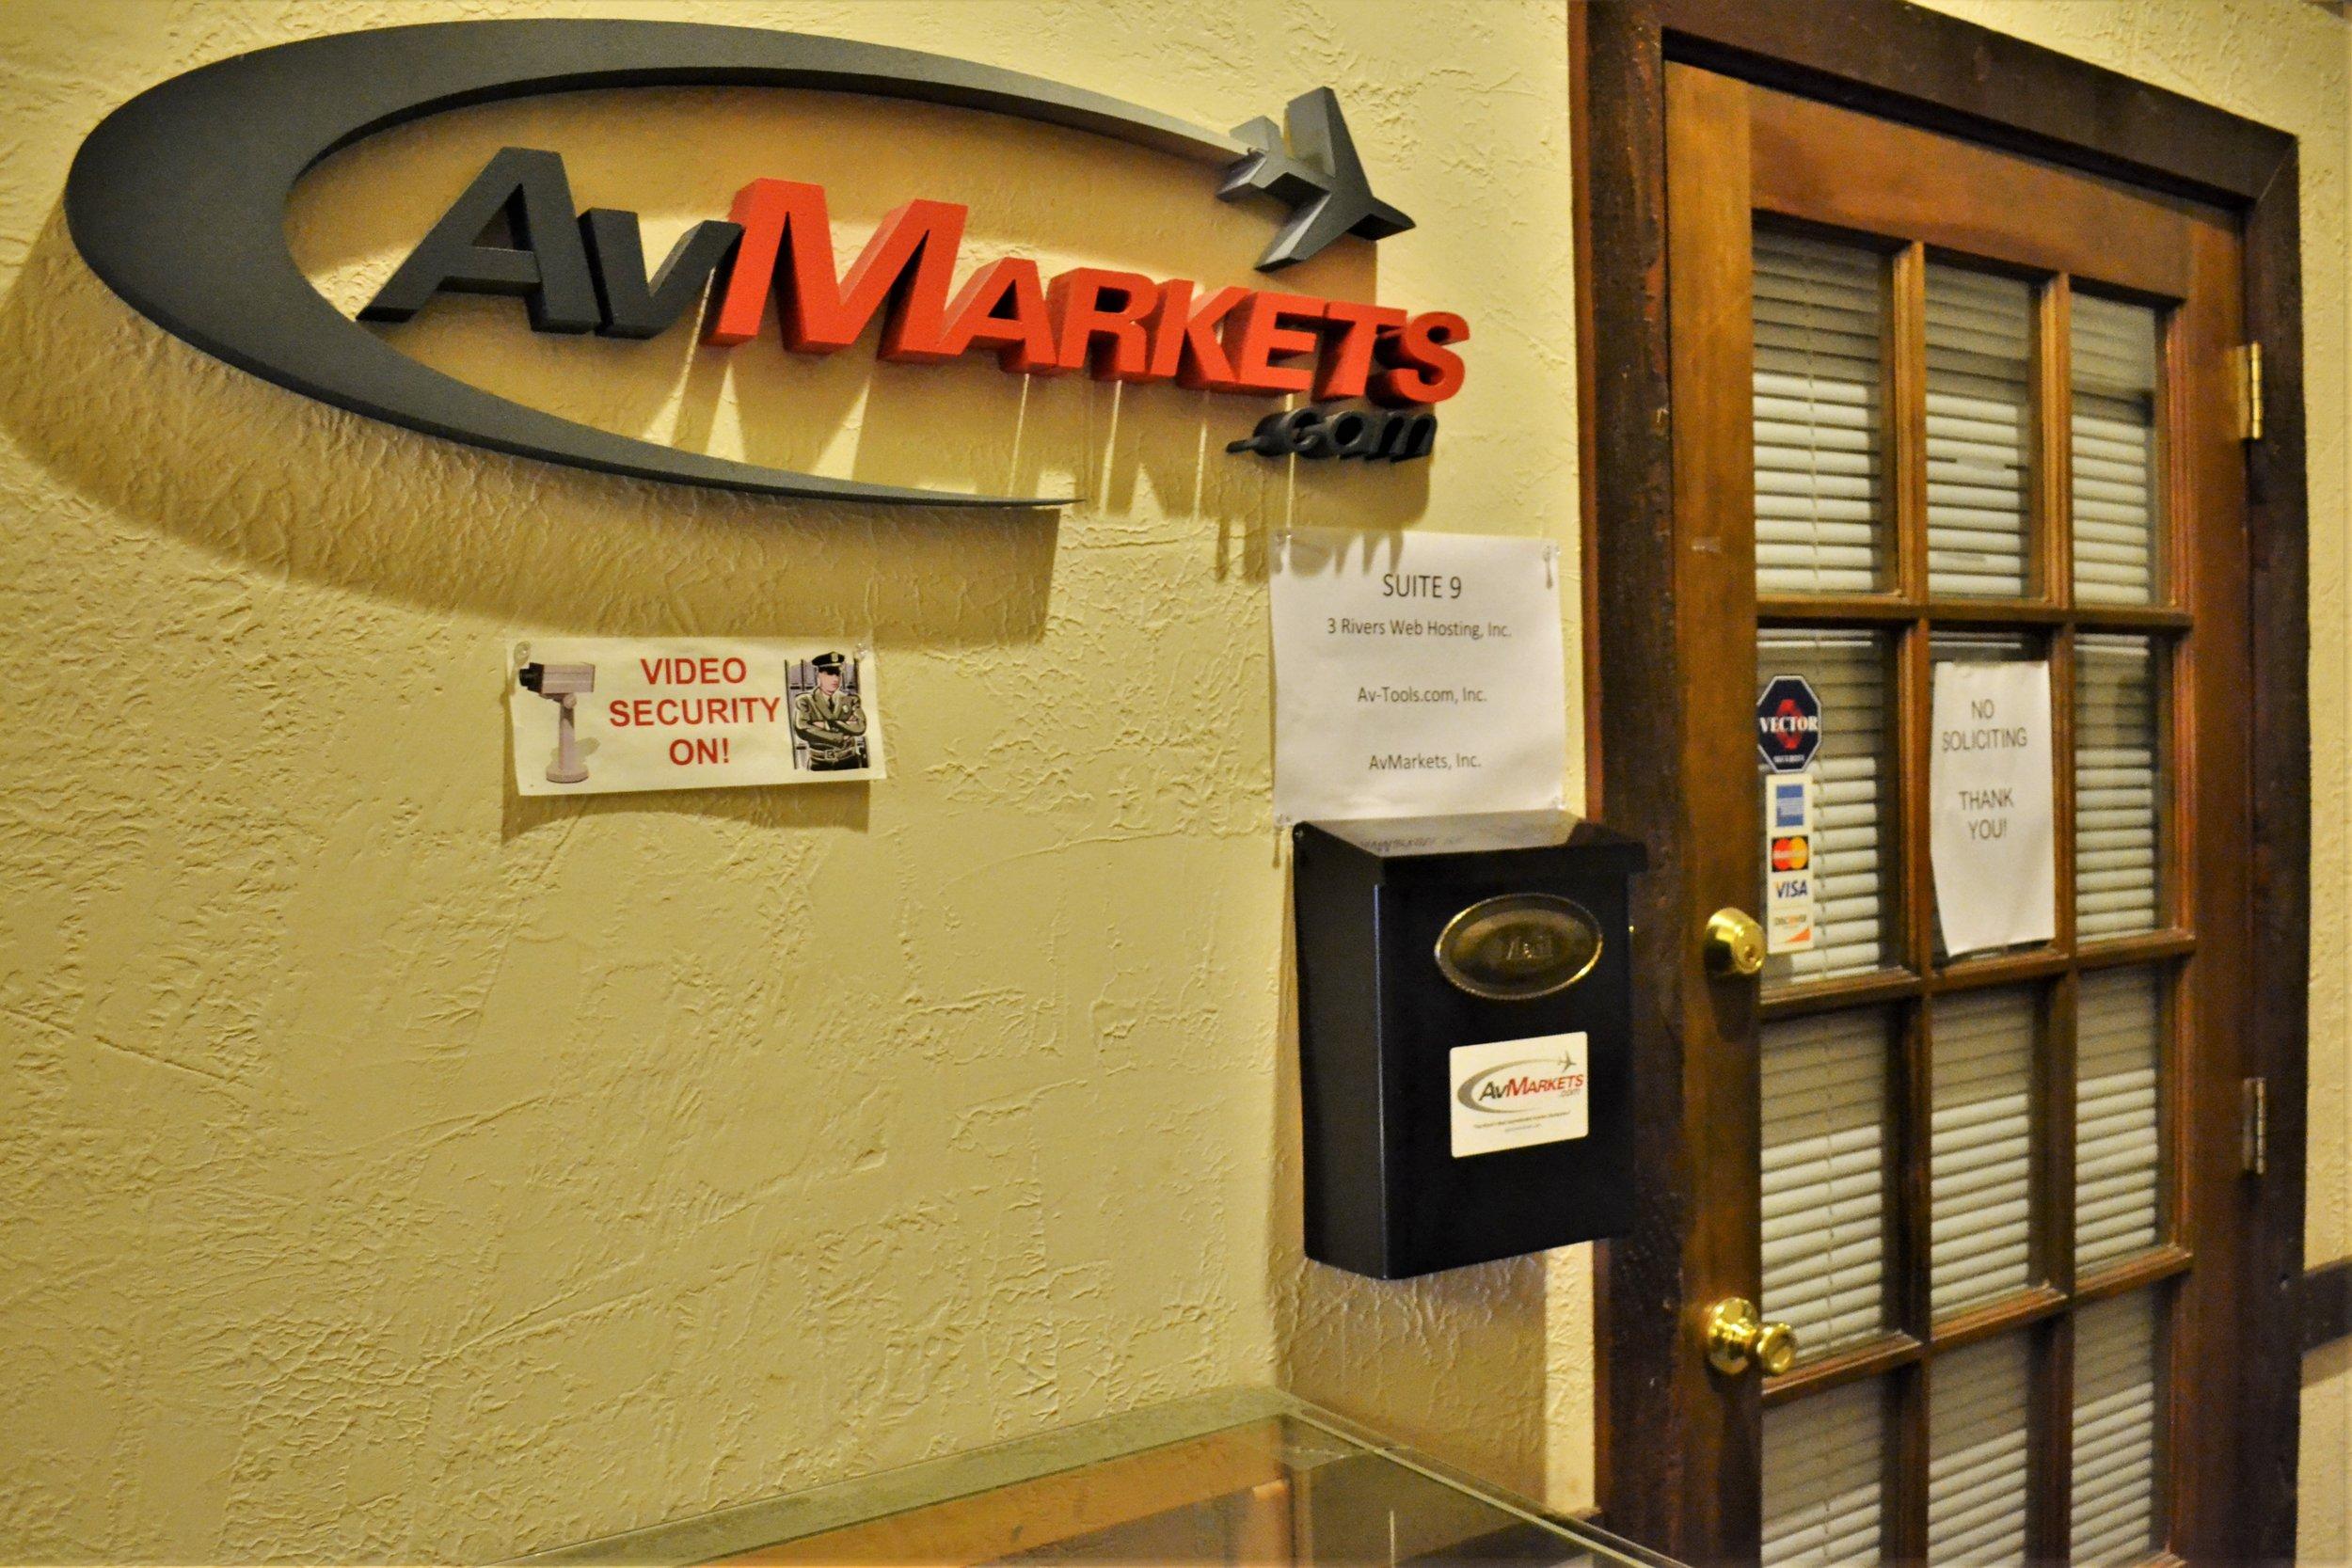 AV Markets - 1004 5th Ave, Suite 9, (412) 203-2426